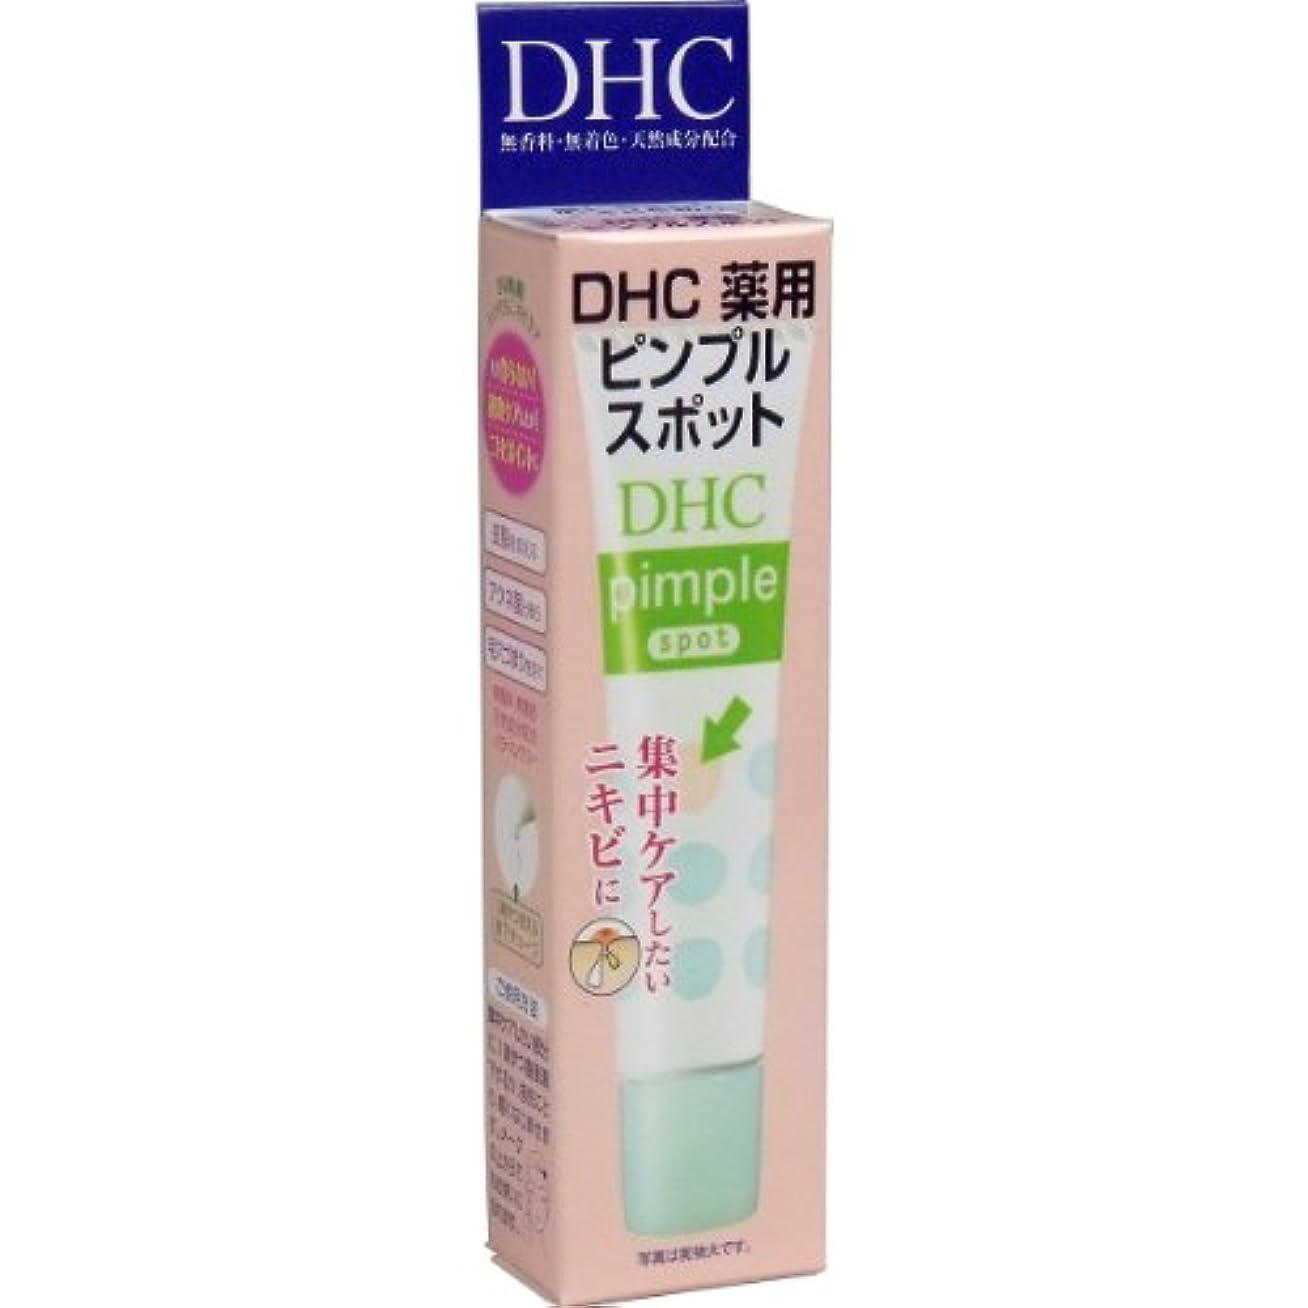 助けになる結核数字DHC 薬用ピンプルスポット15ml